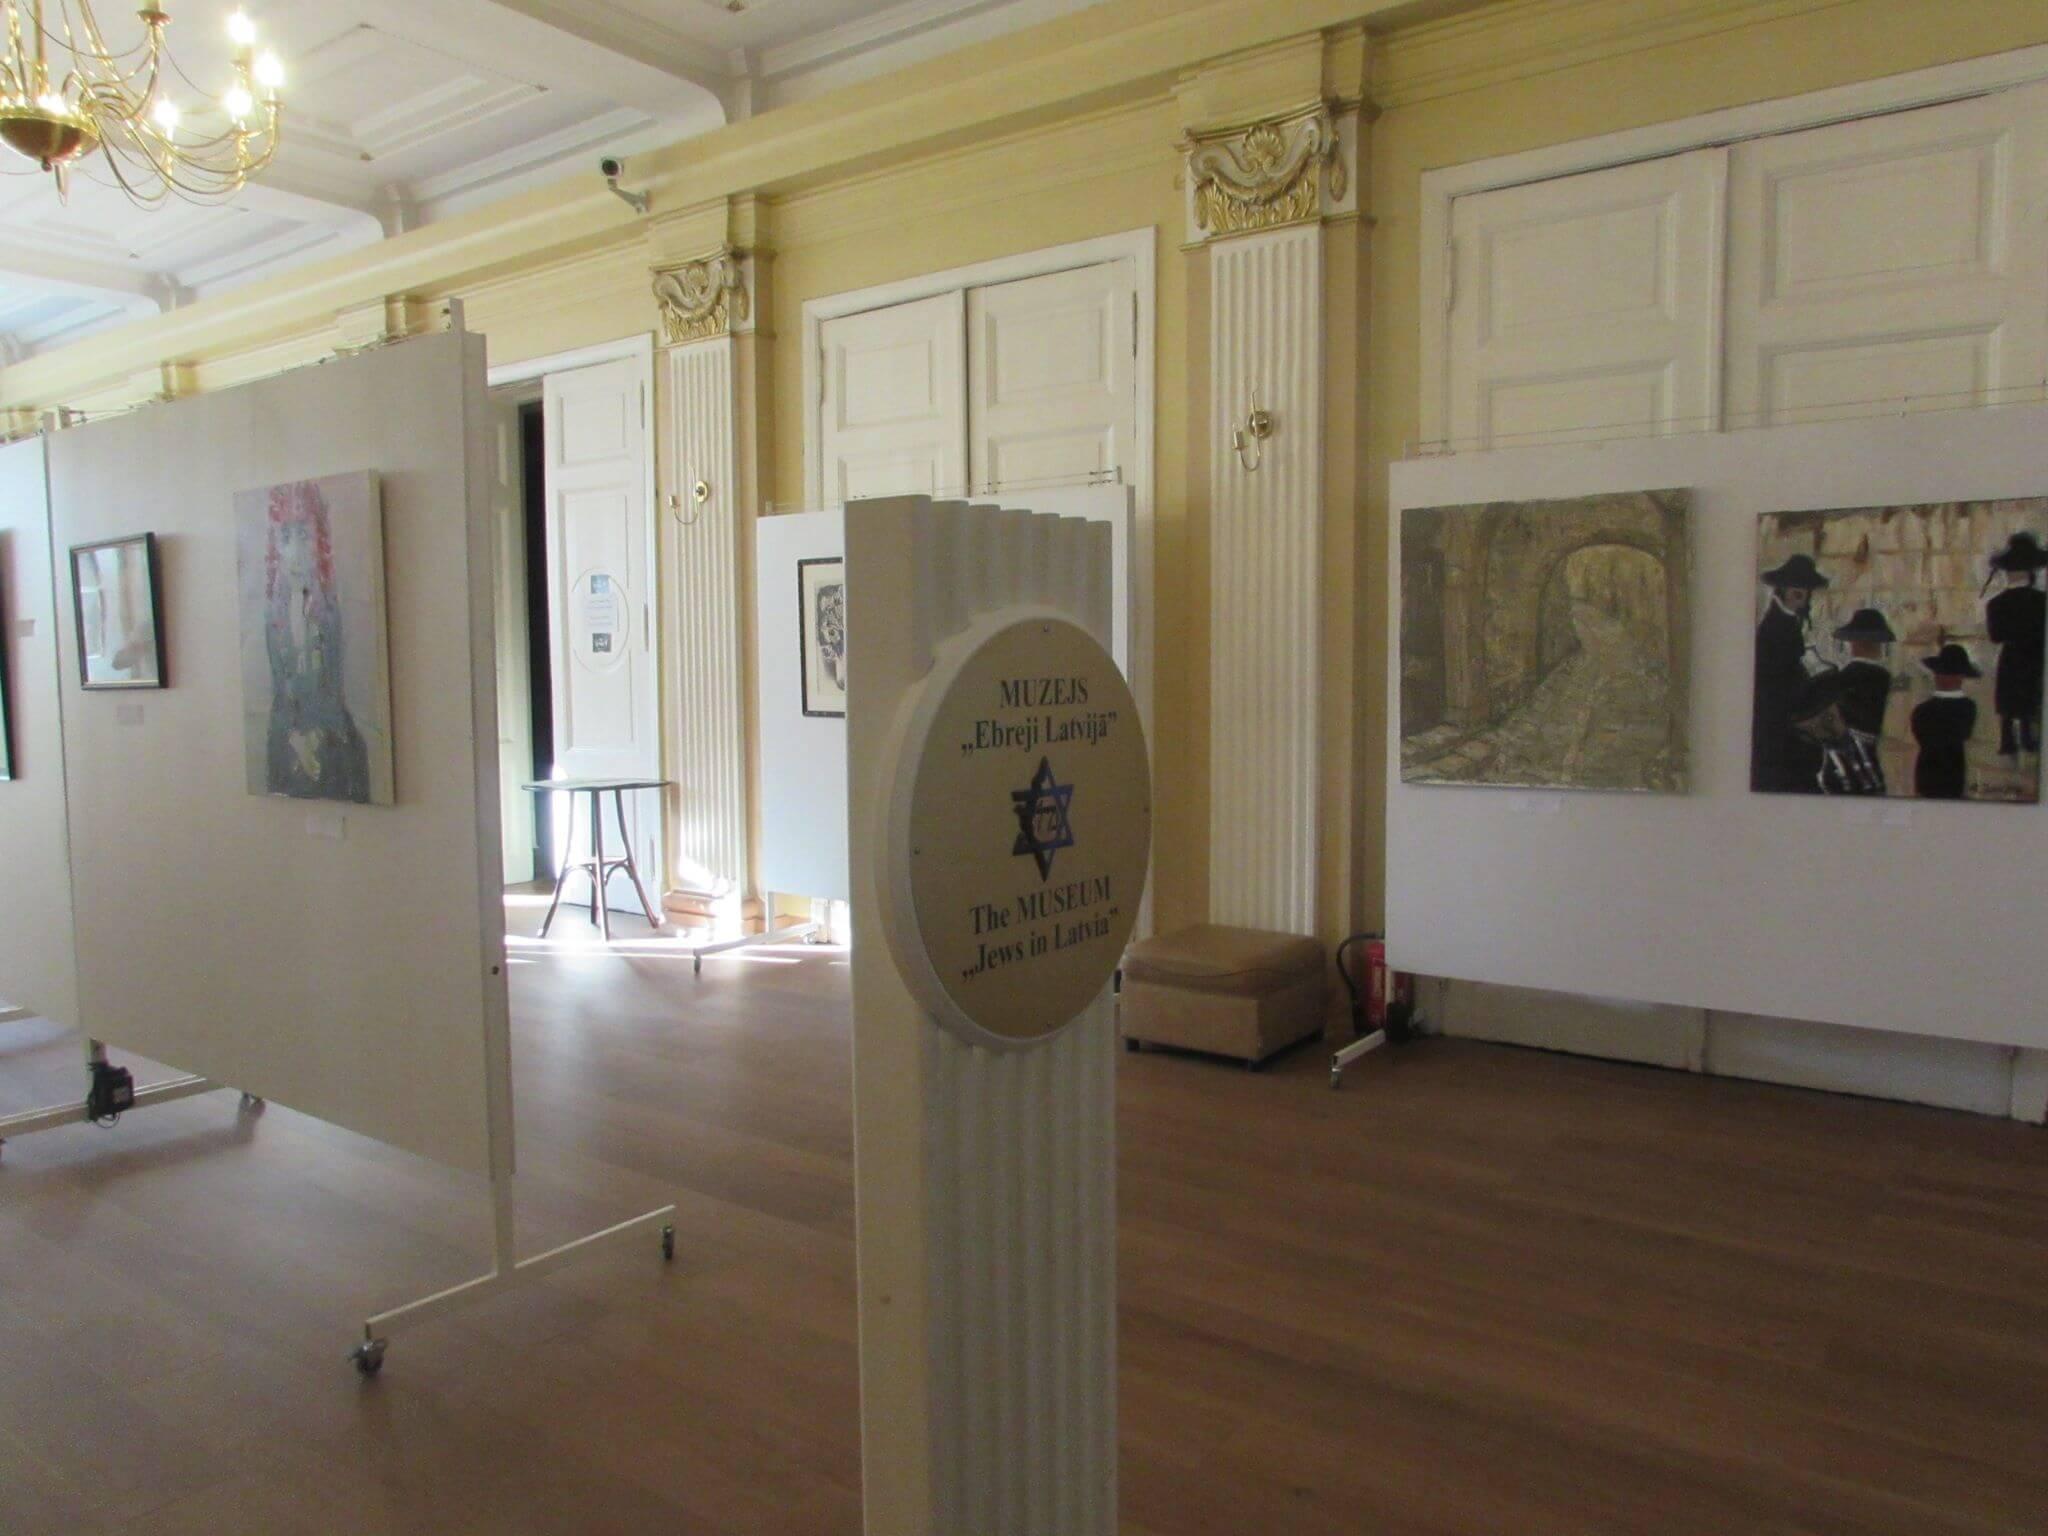 Thumbnail for: Выставка латвийских еврейских художников